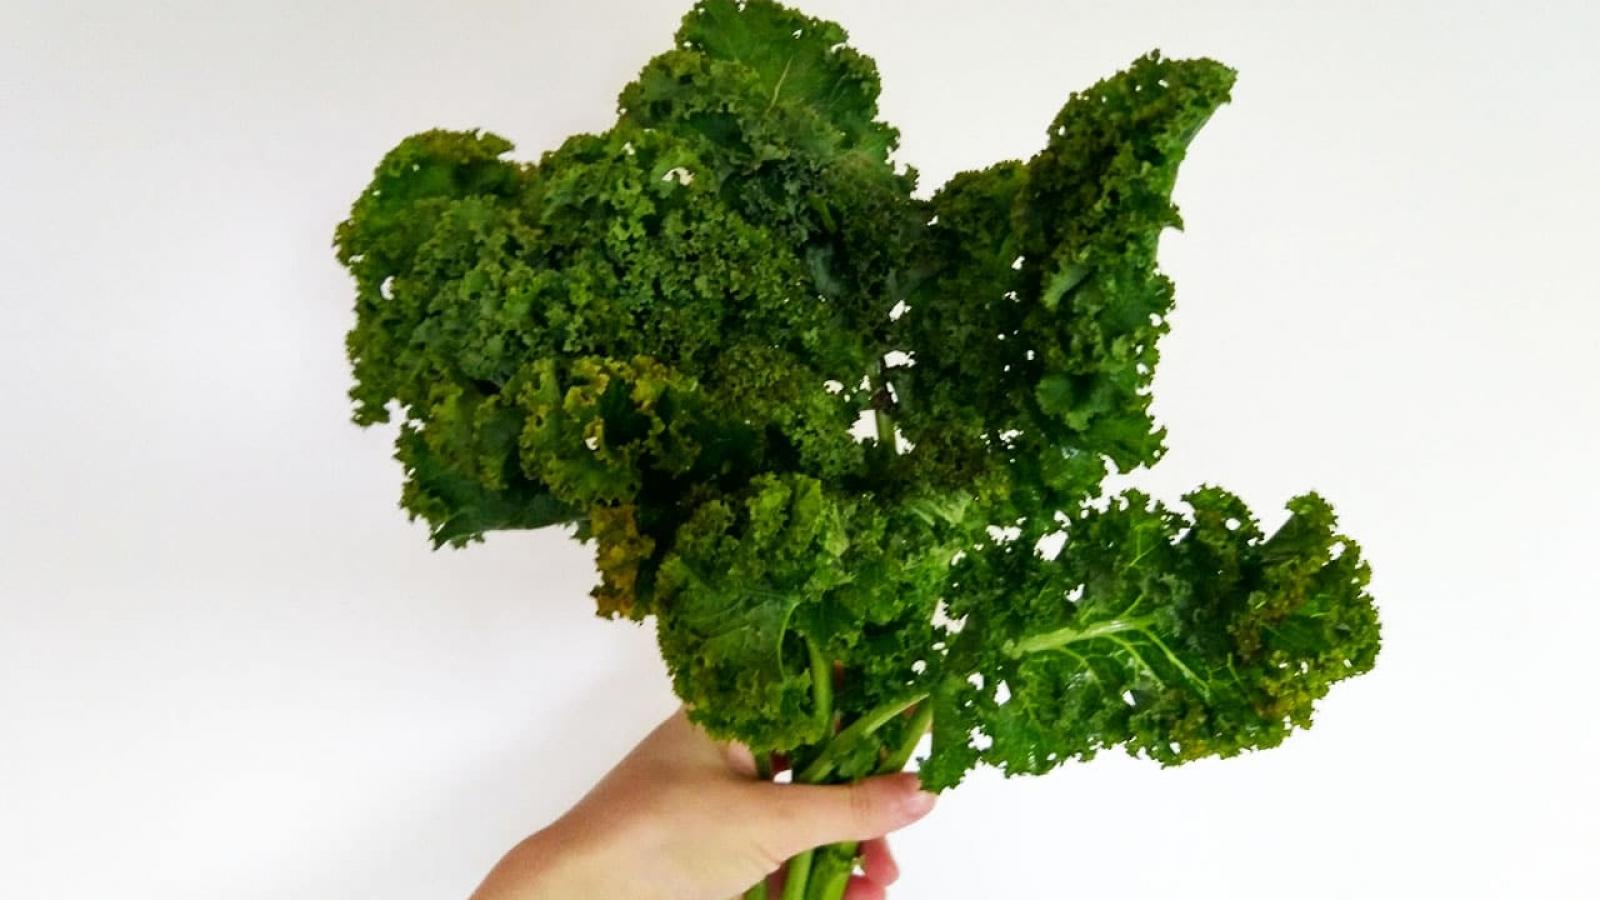 Grünkohl ist ein wahres Superfood! Und er kann so viel mehr als zerkochten Eintopf. Grünkohlchips zum Beispiel.